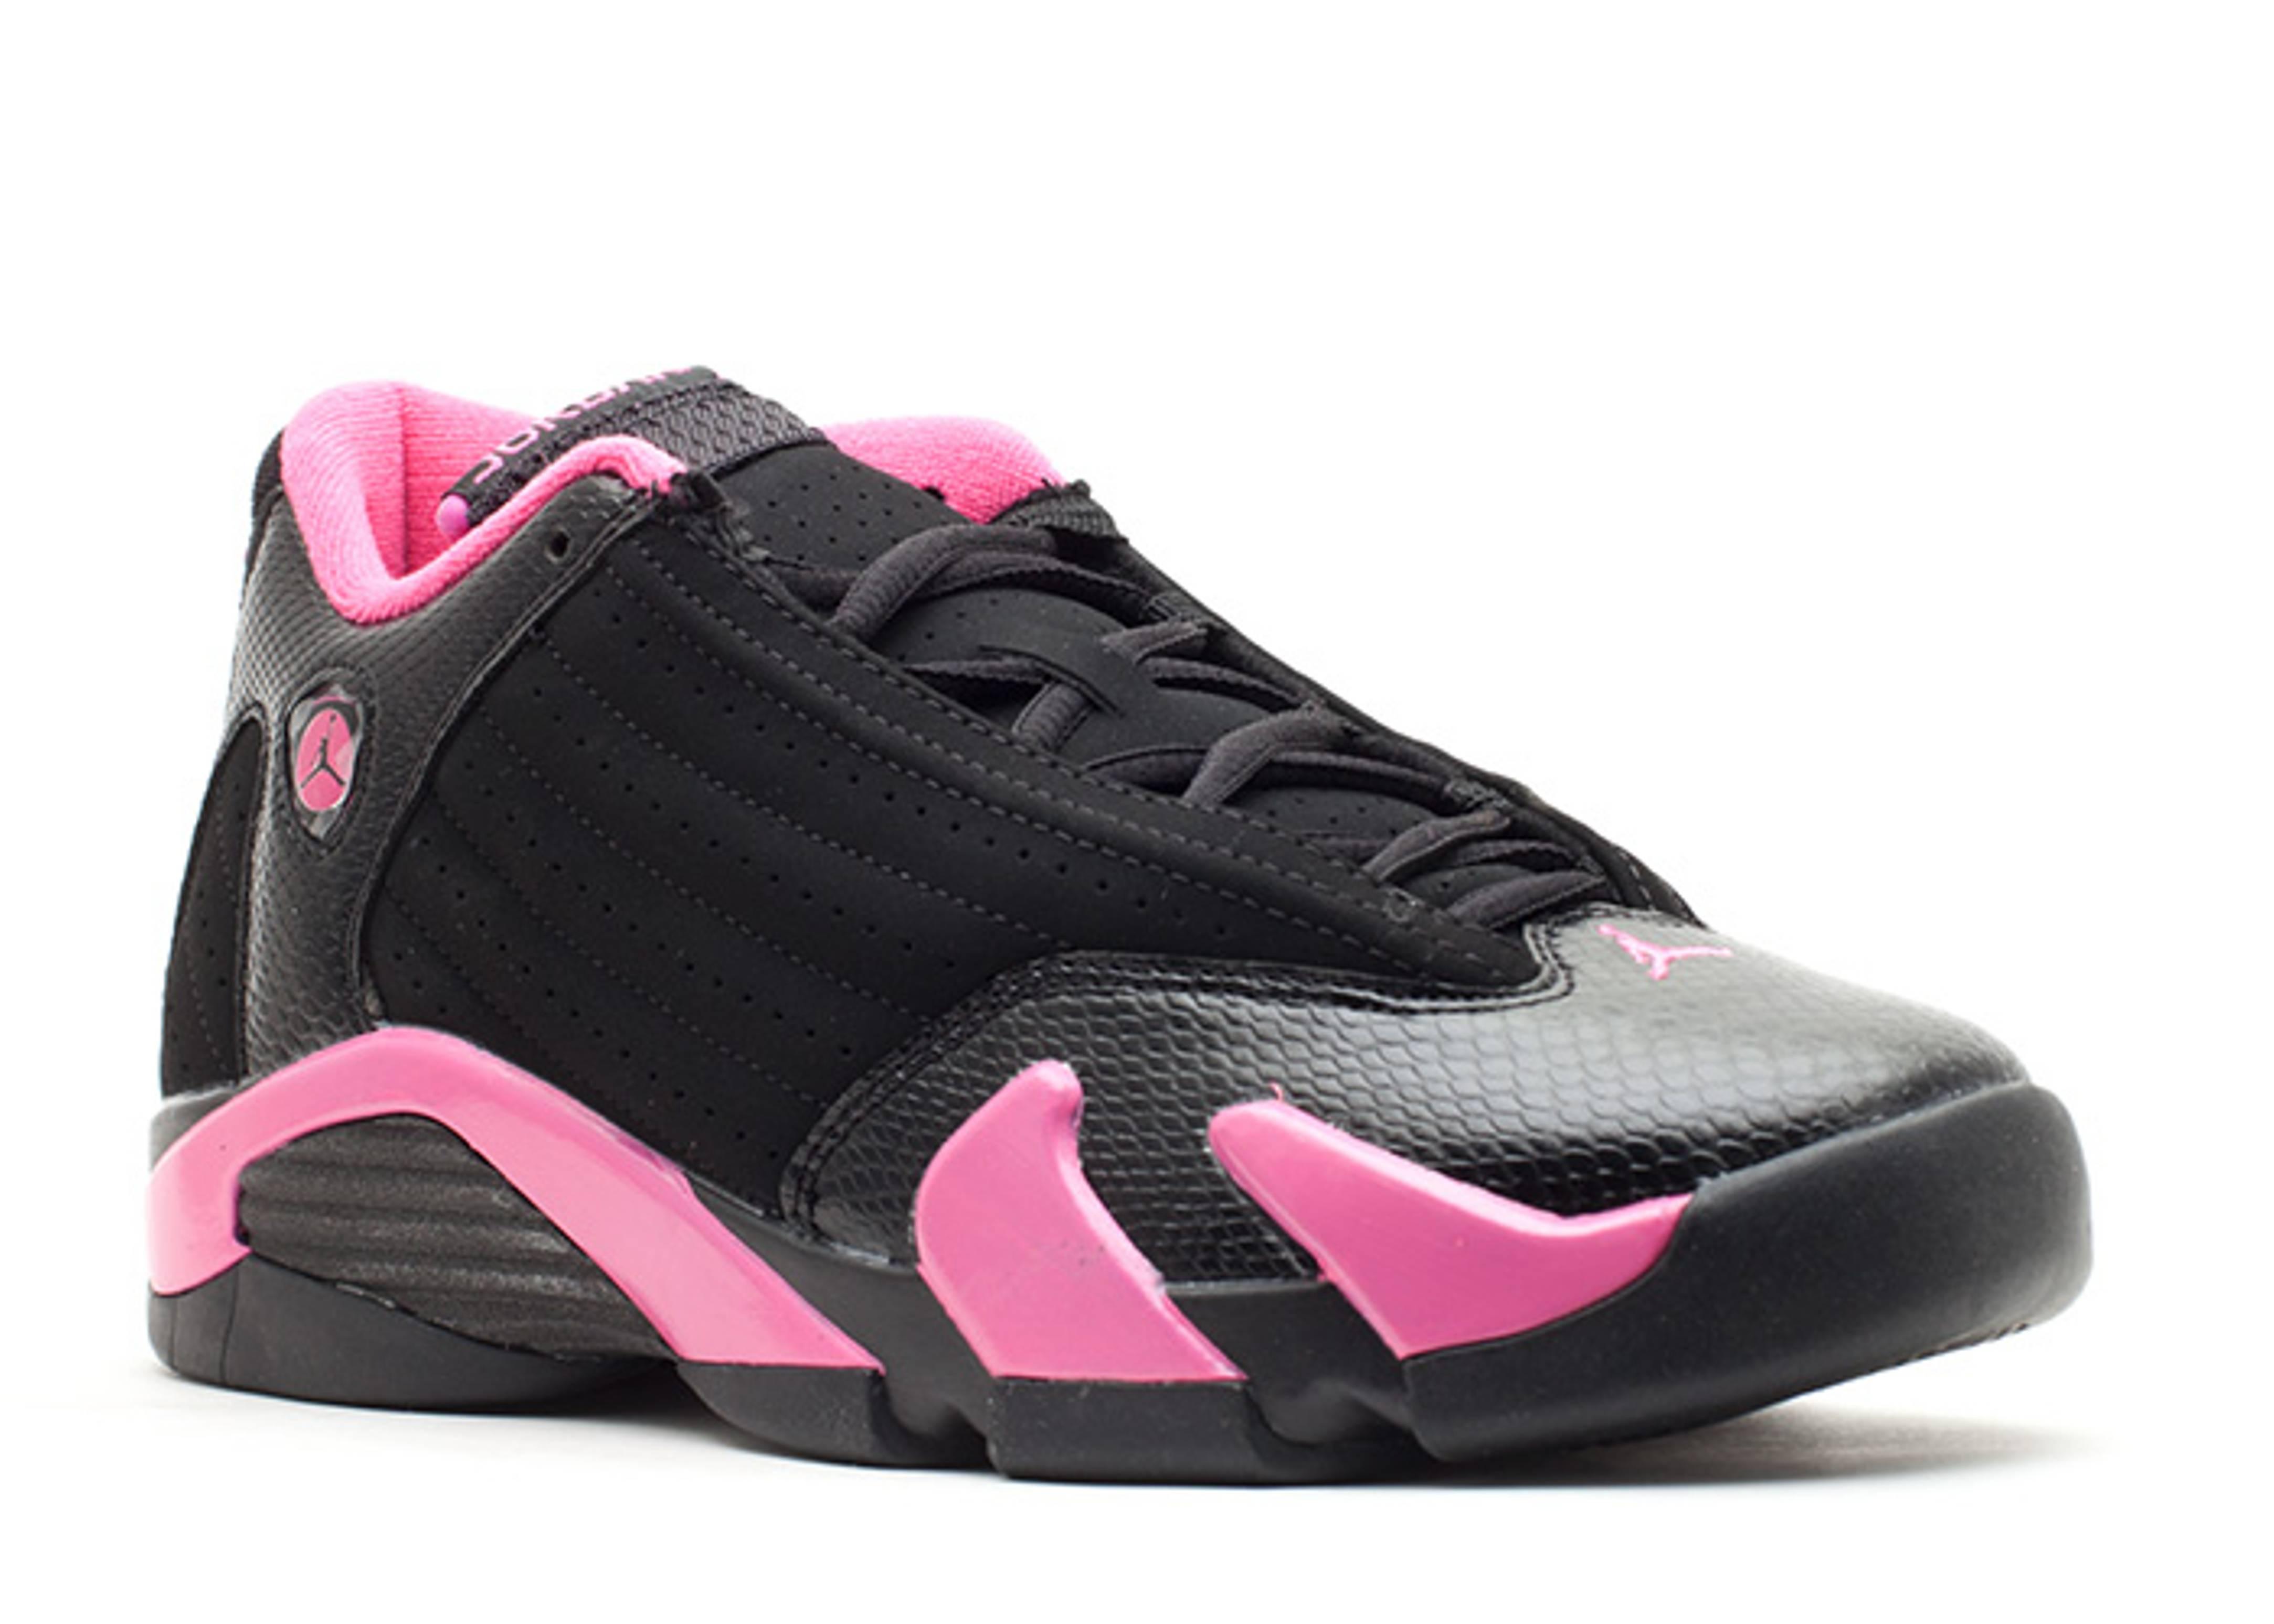 air jordan 14 pink and black